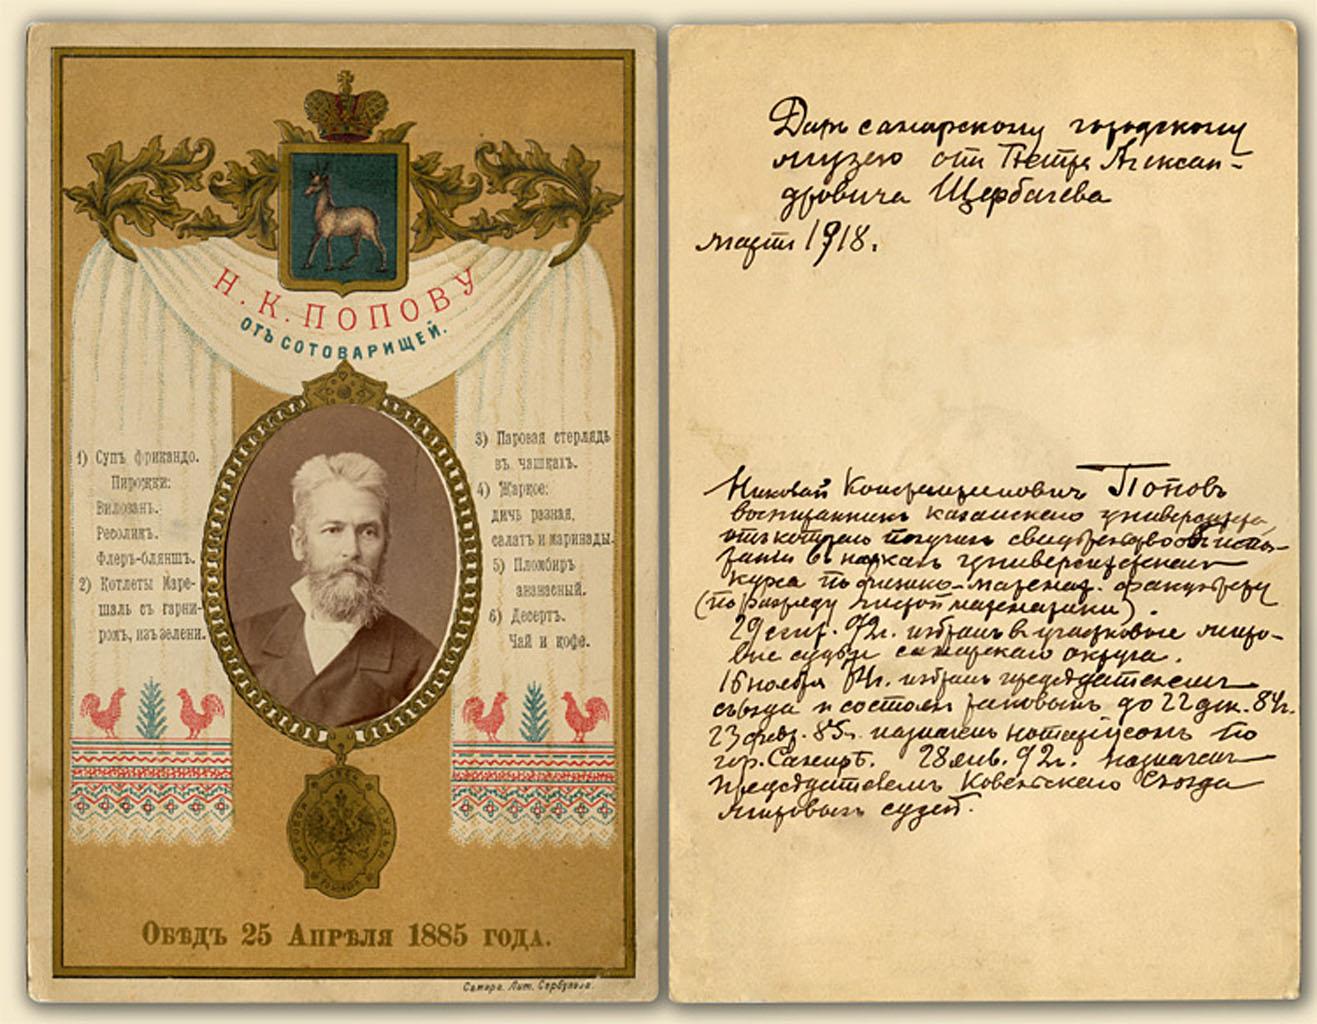 0_919e0_4cd01de8_origМеню обеда 25 апреля 1885 г. «от сотоварищей» в честь мирового судьи и нотариуса Самары Н.К.Попова.